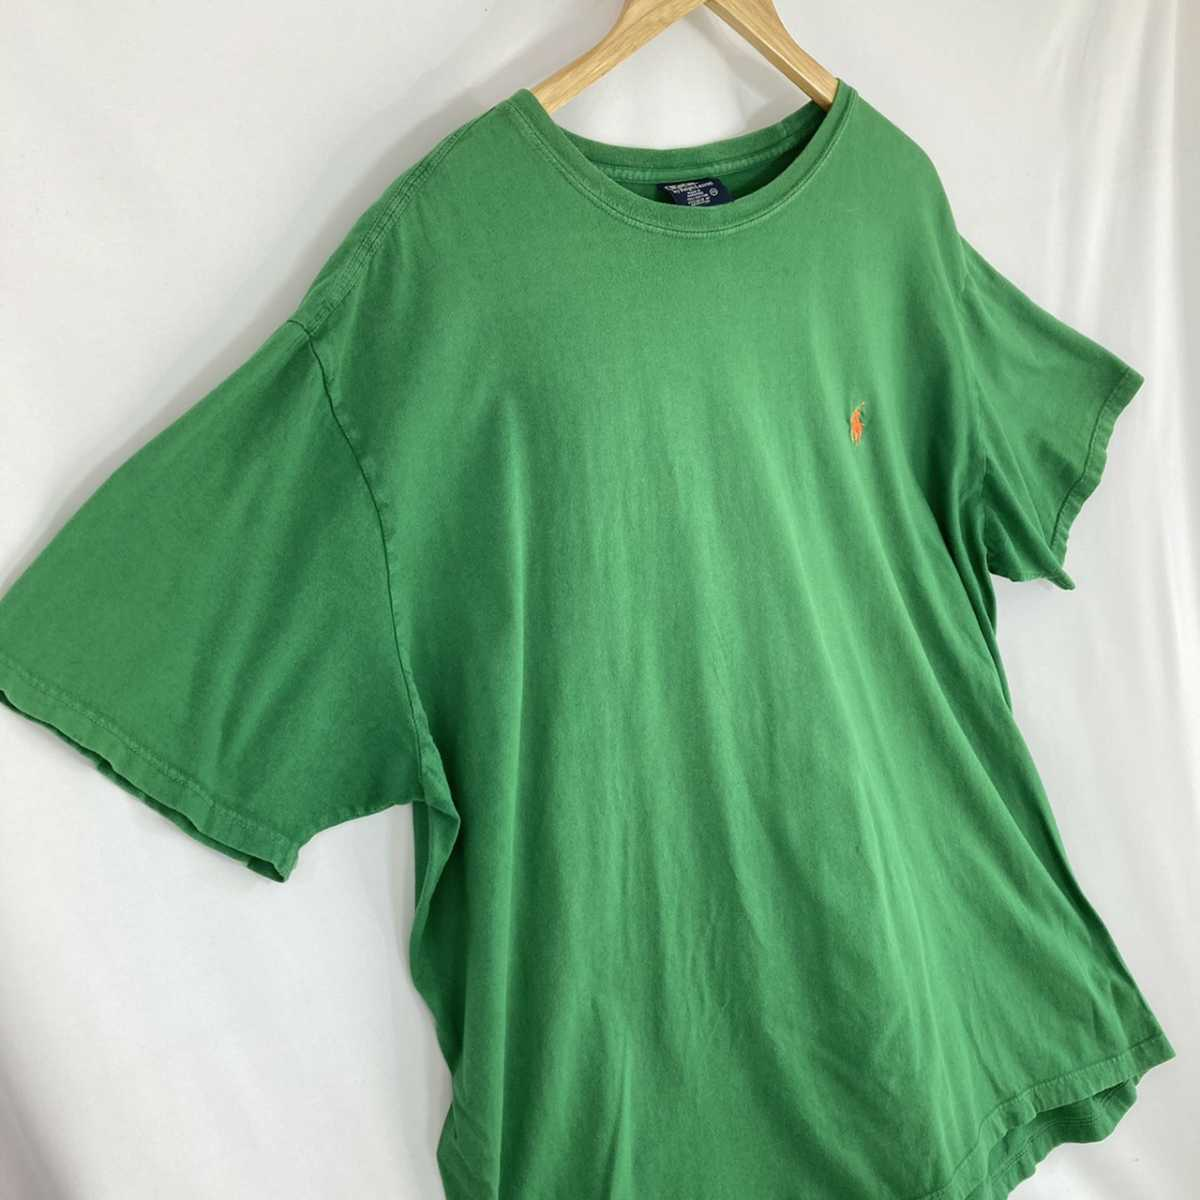 【人気カラー】ラルフローレン Tシャツ 刺繍ロゴ 緑 グリーン 古着 XXL_画像3